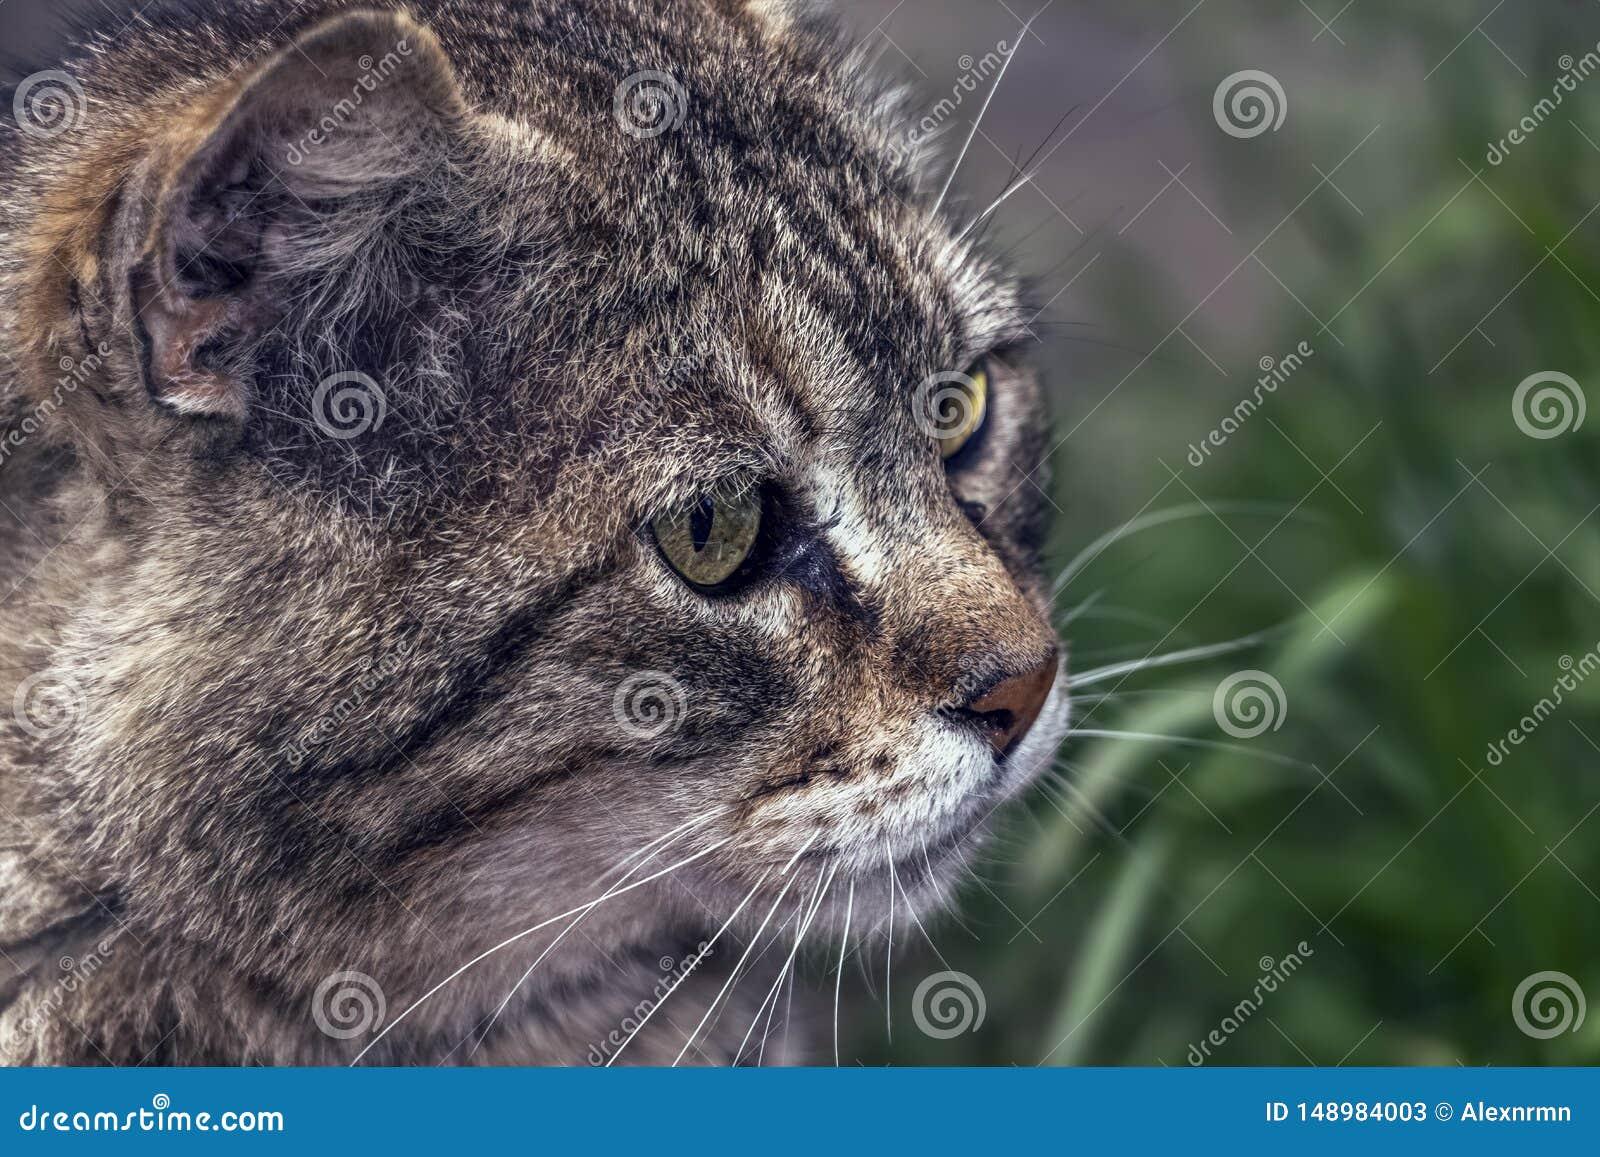 Aandachtig kijk van een grijze, straatkat